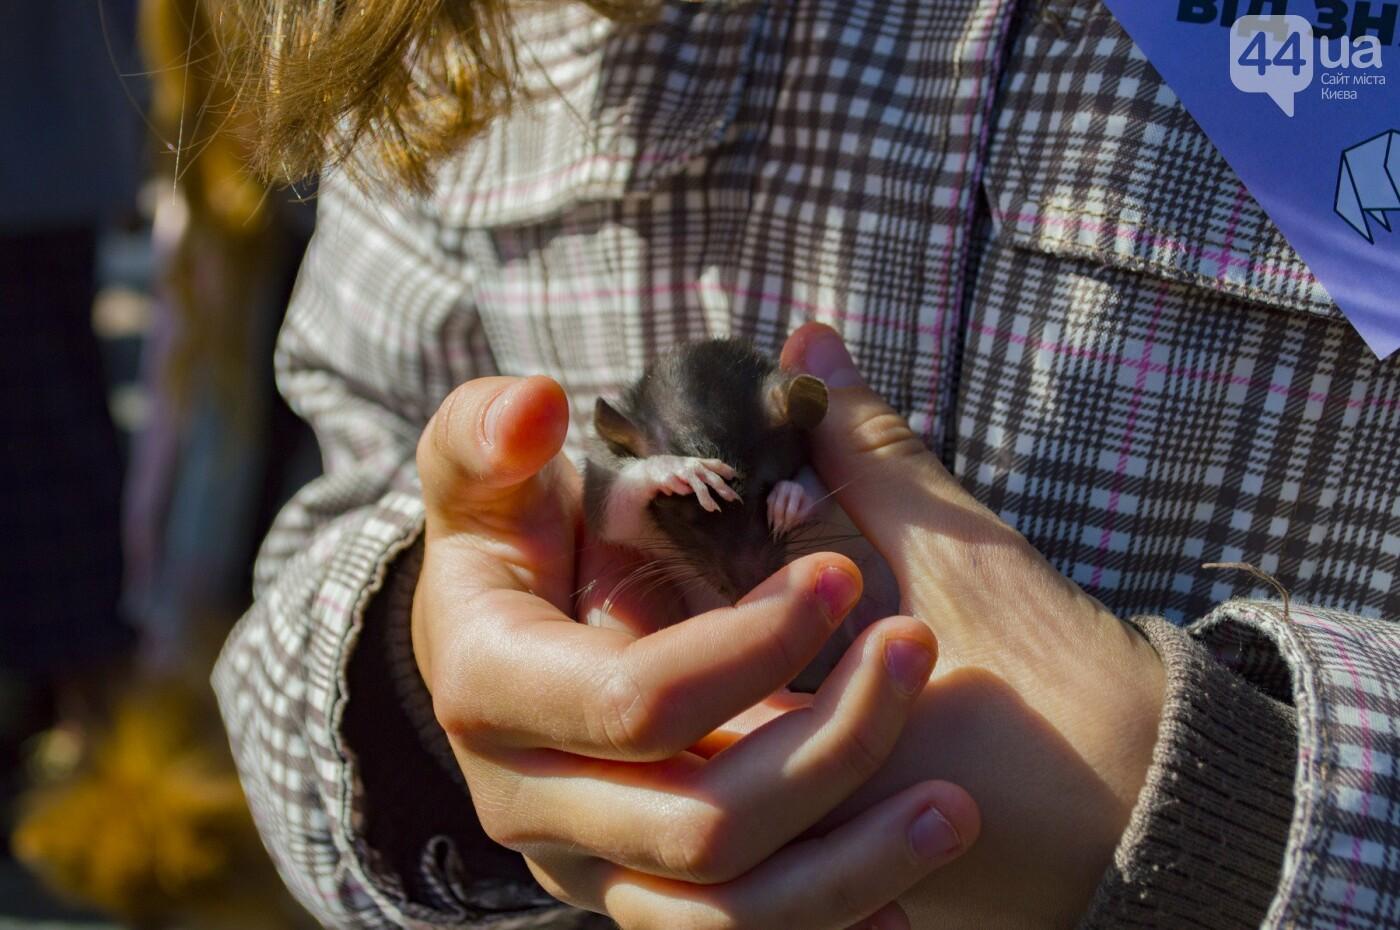 Собаки, коты и хомячки: в Киеве прошла акция за права животных, - ФОТОРЕПОРТАЖ, фото-22